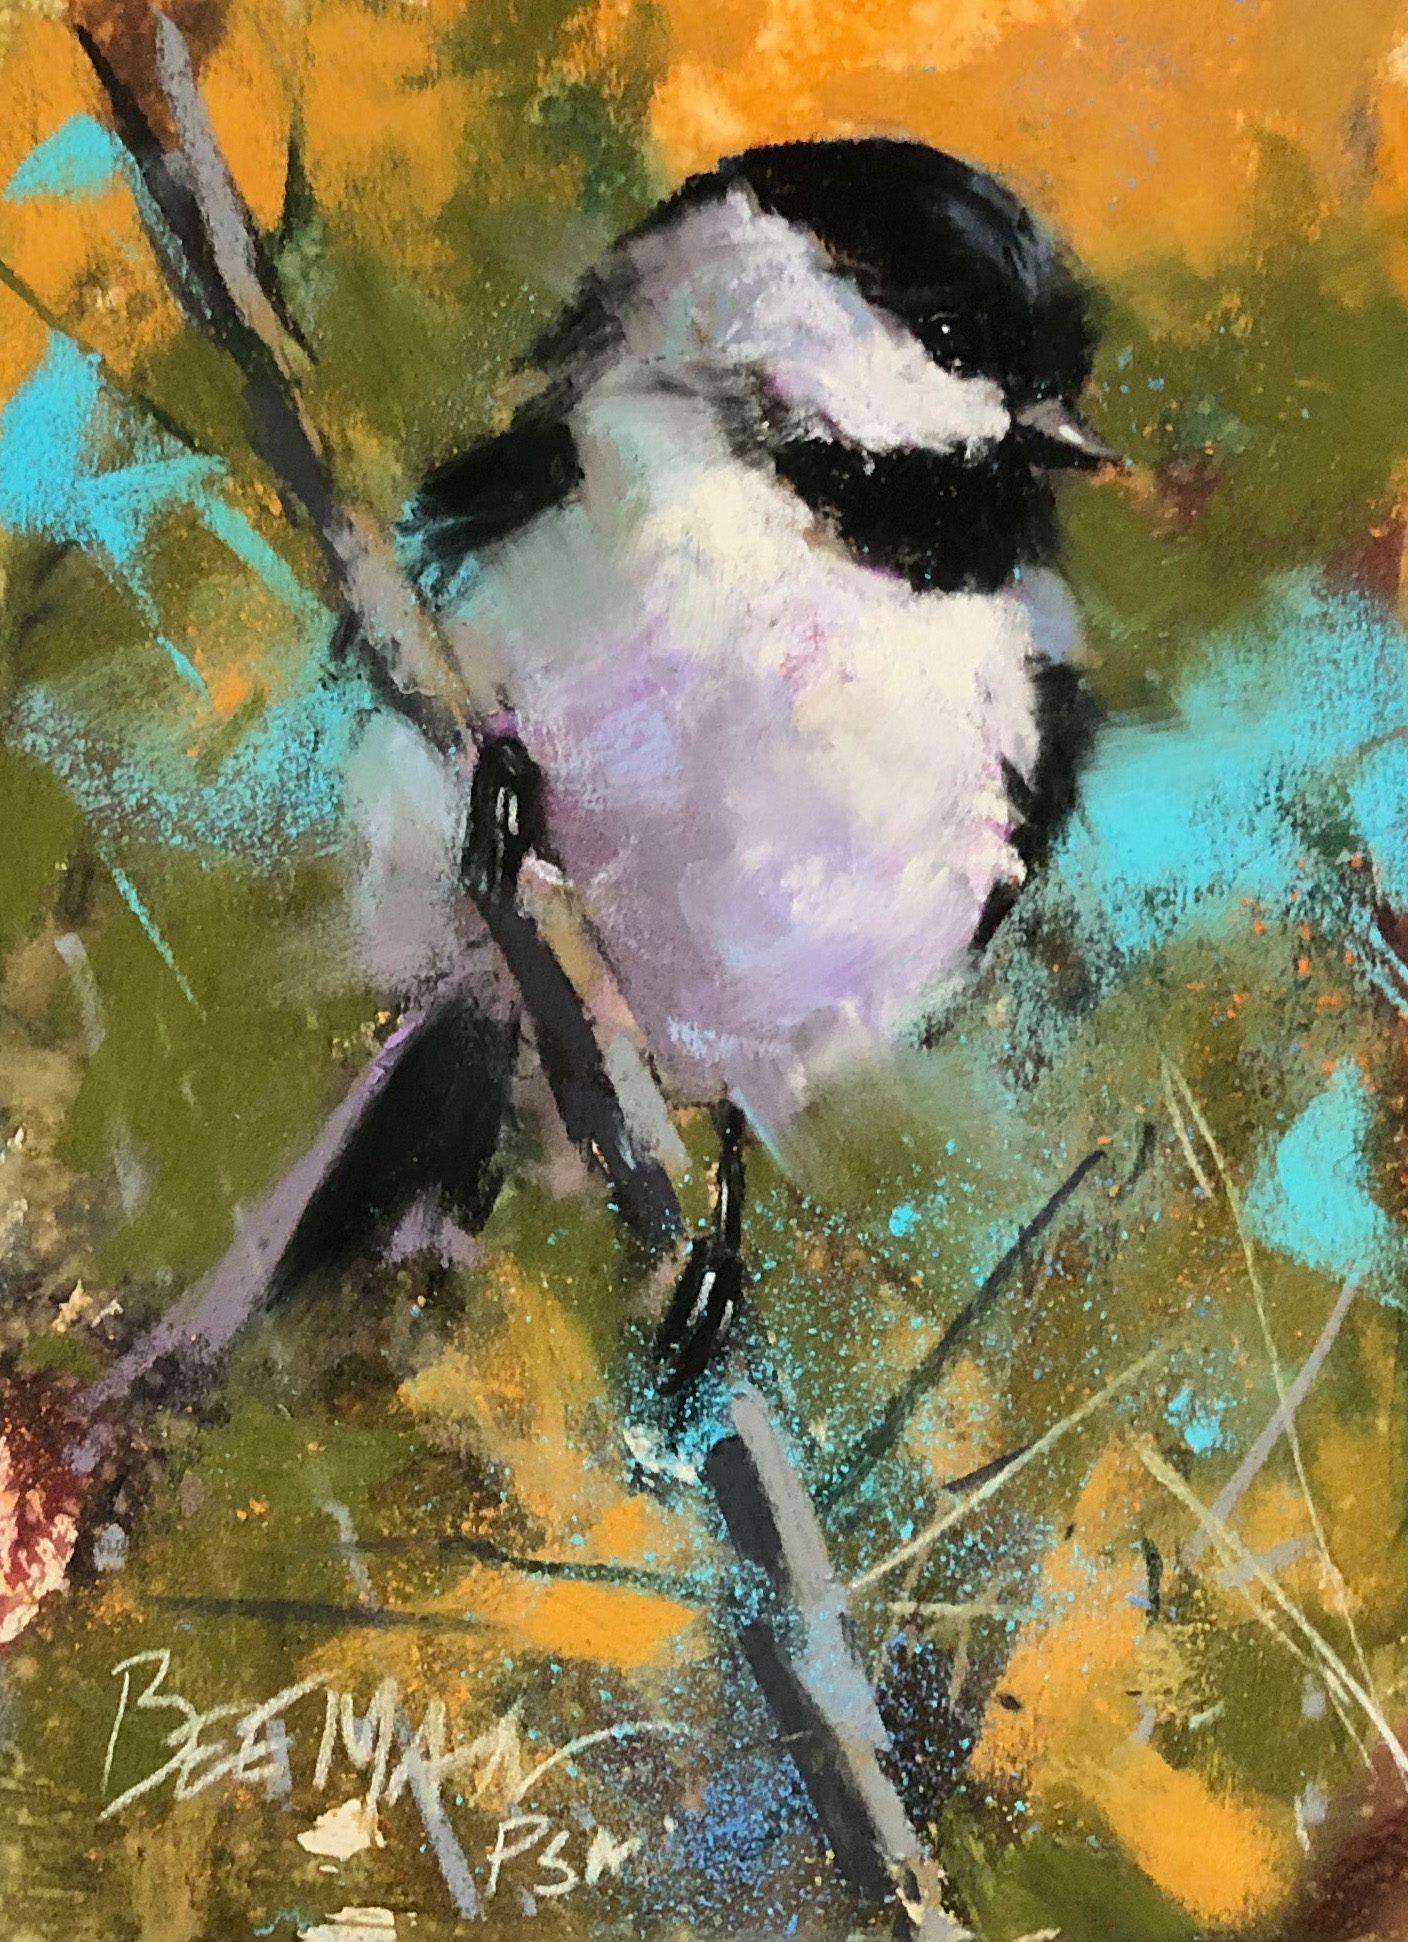 побывав птицы пастелью современных художников незаменимы